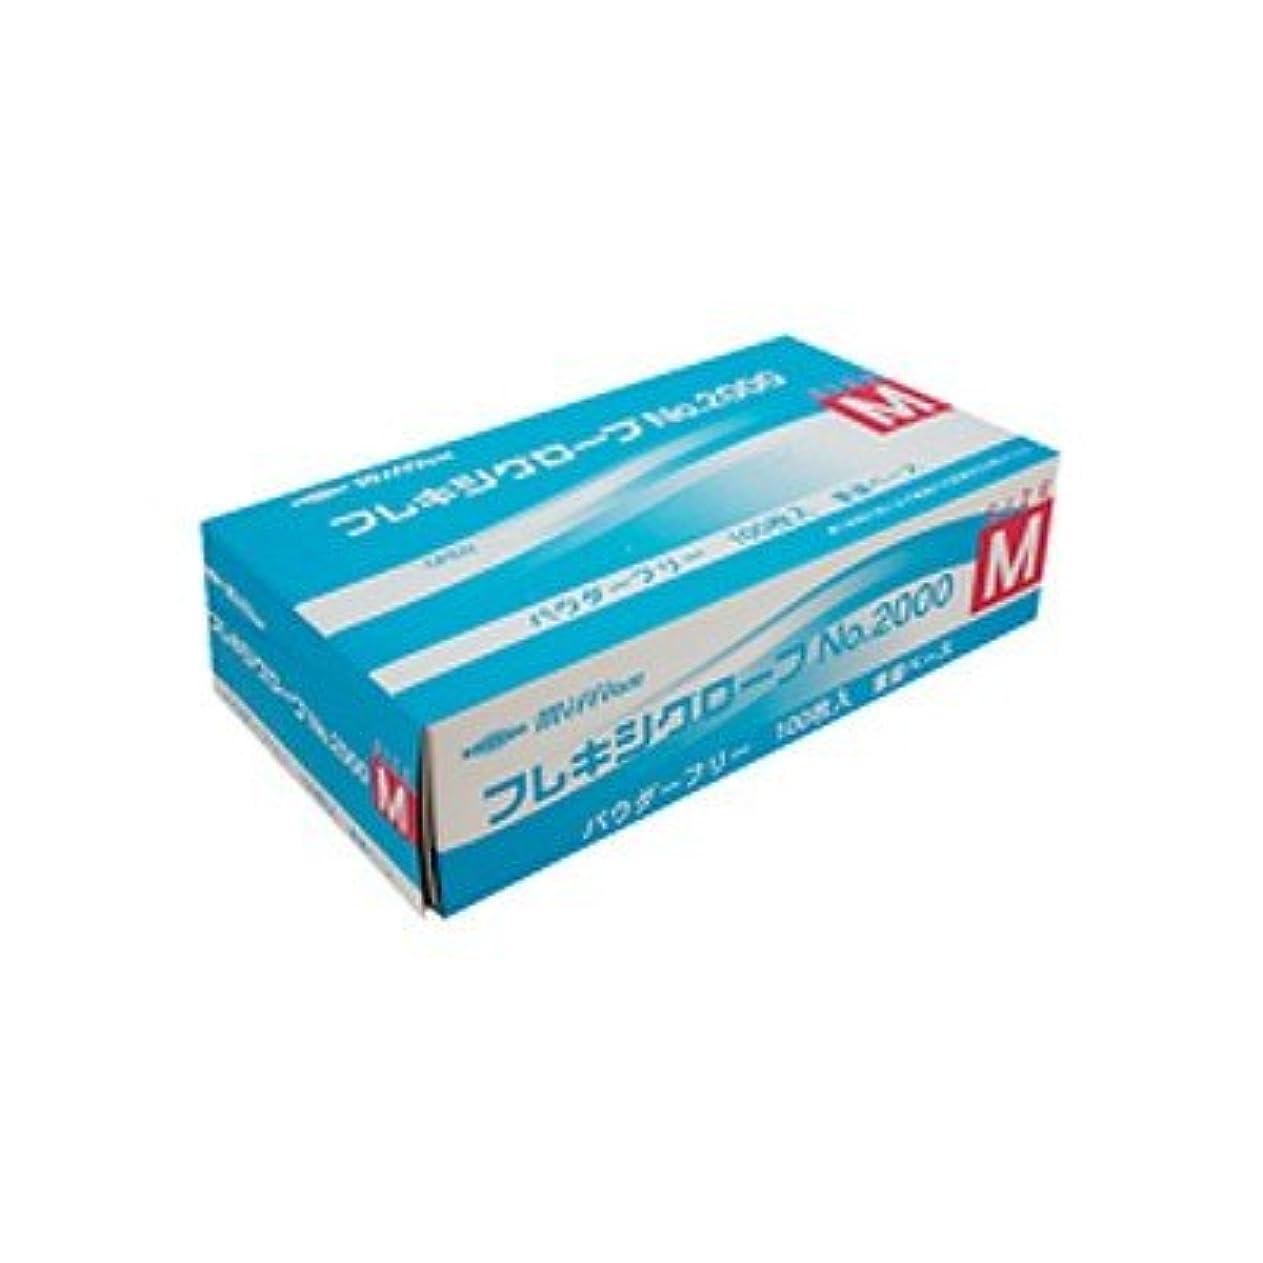 アノイ量でそのミリオン プラスチック手袋 粉無No.2000 M 品番:LH-2000-M 注文番号:62741637 メーカー:共和